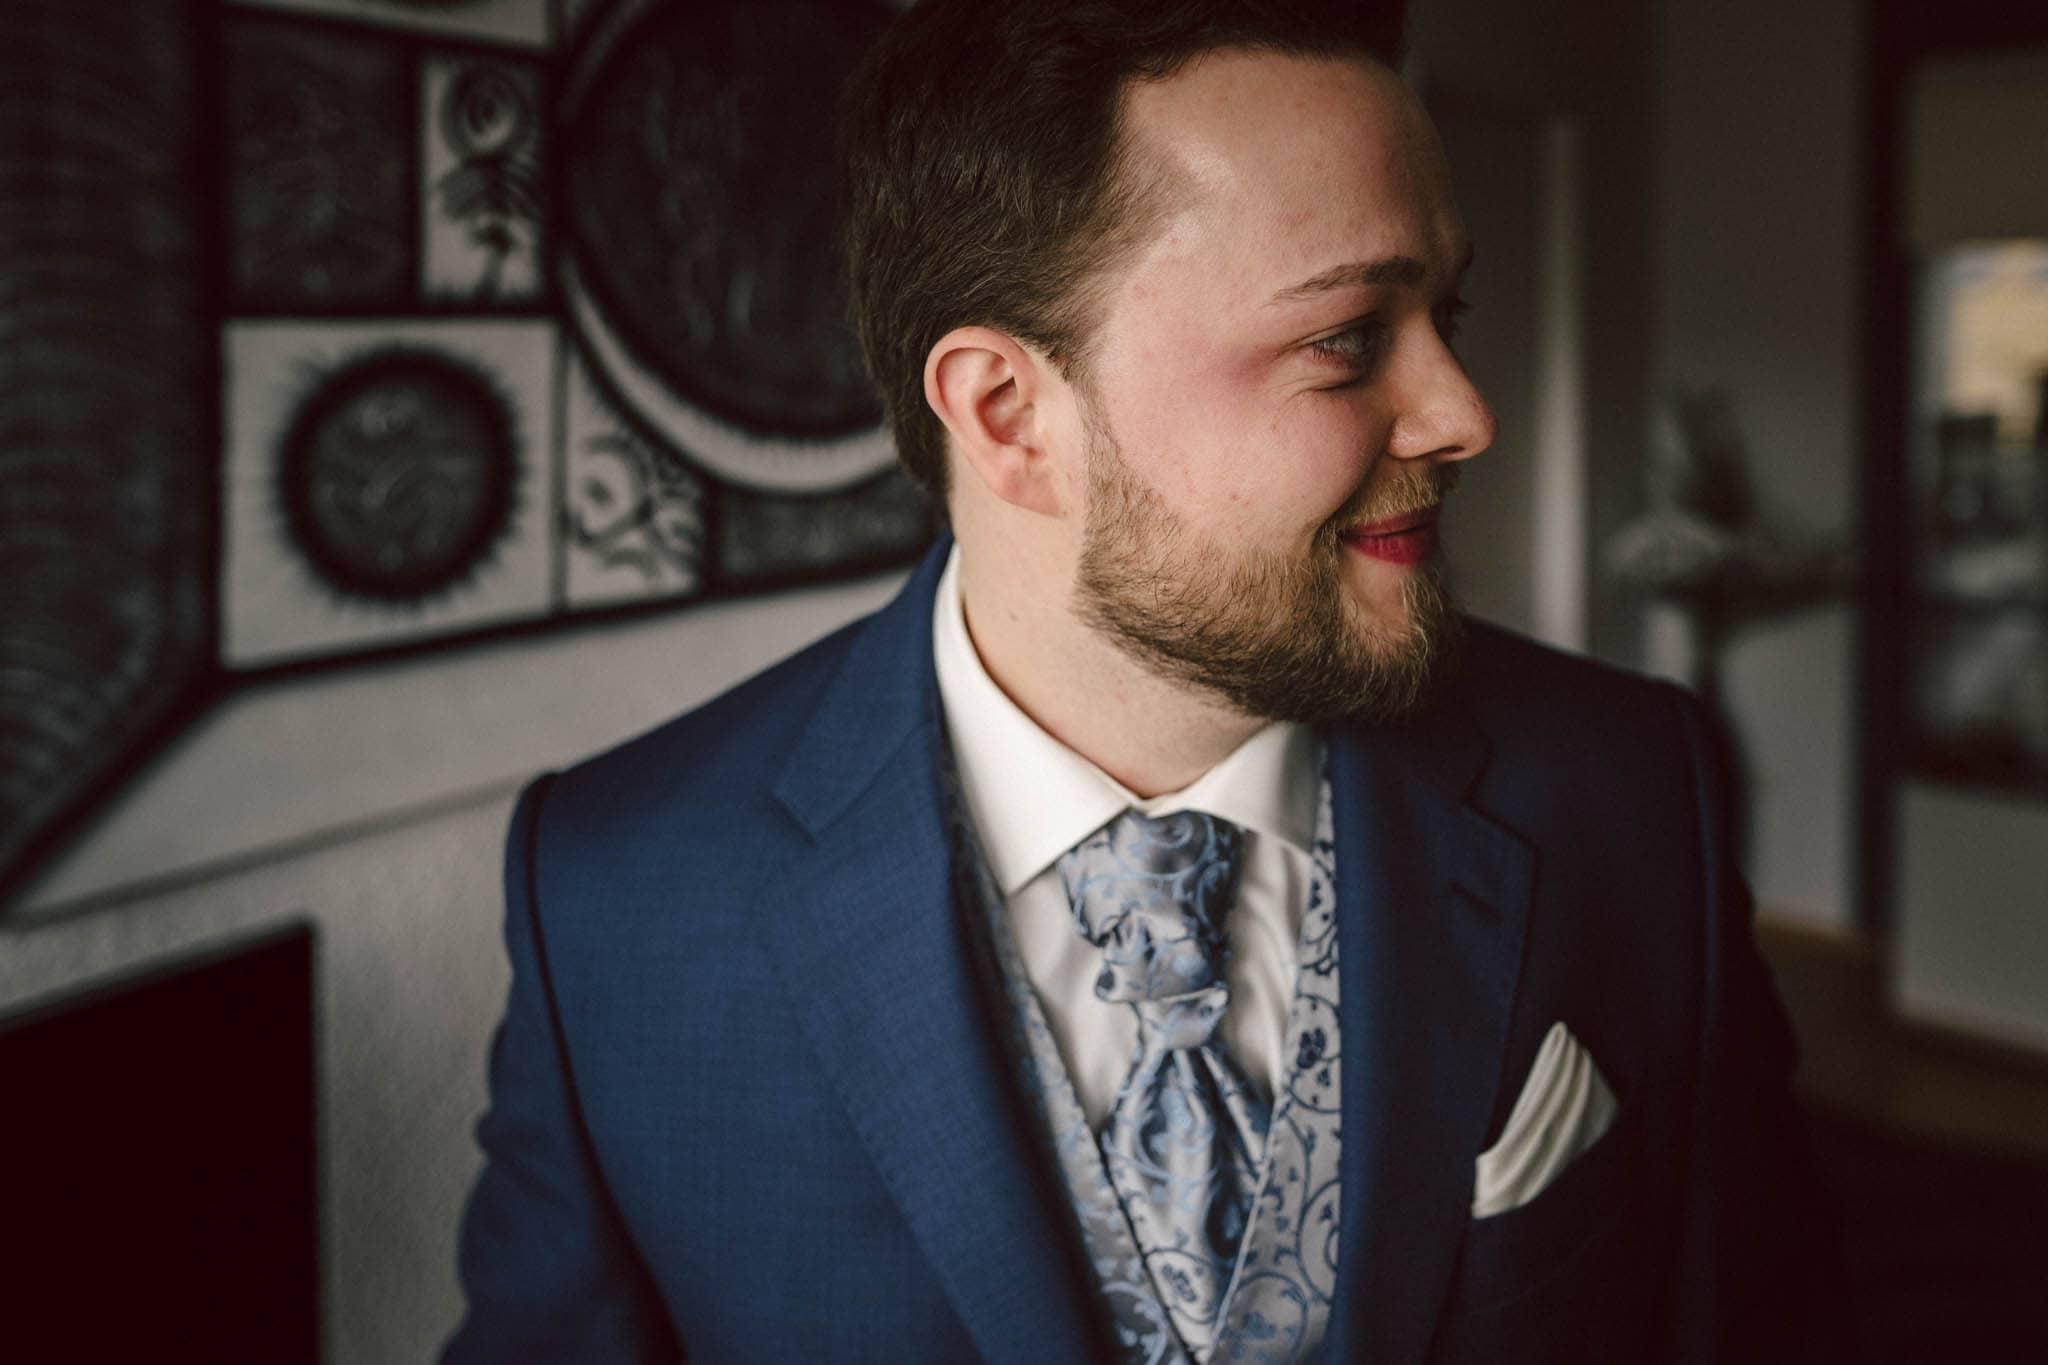 Hochzeitsfieber by Photo-Schomburg, Hochzeitsfotograf, Hamburg, Altona, wedding, Standesamt Altona, Appen, Hochzeitsshooting, Hochzeitstag, Brautpaar-27